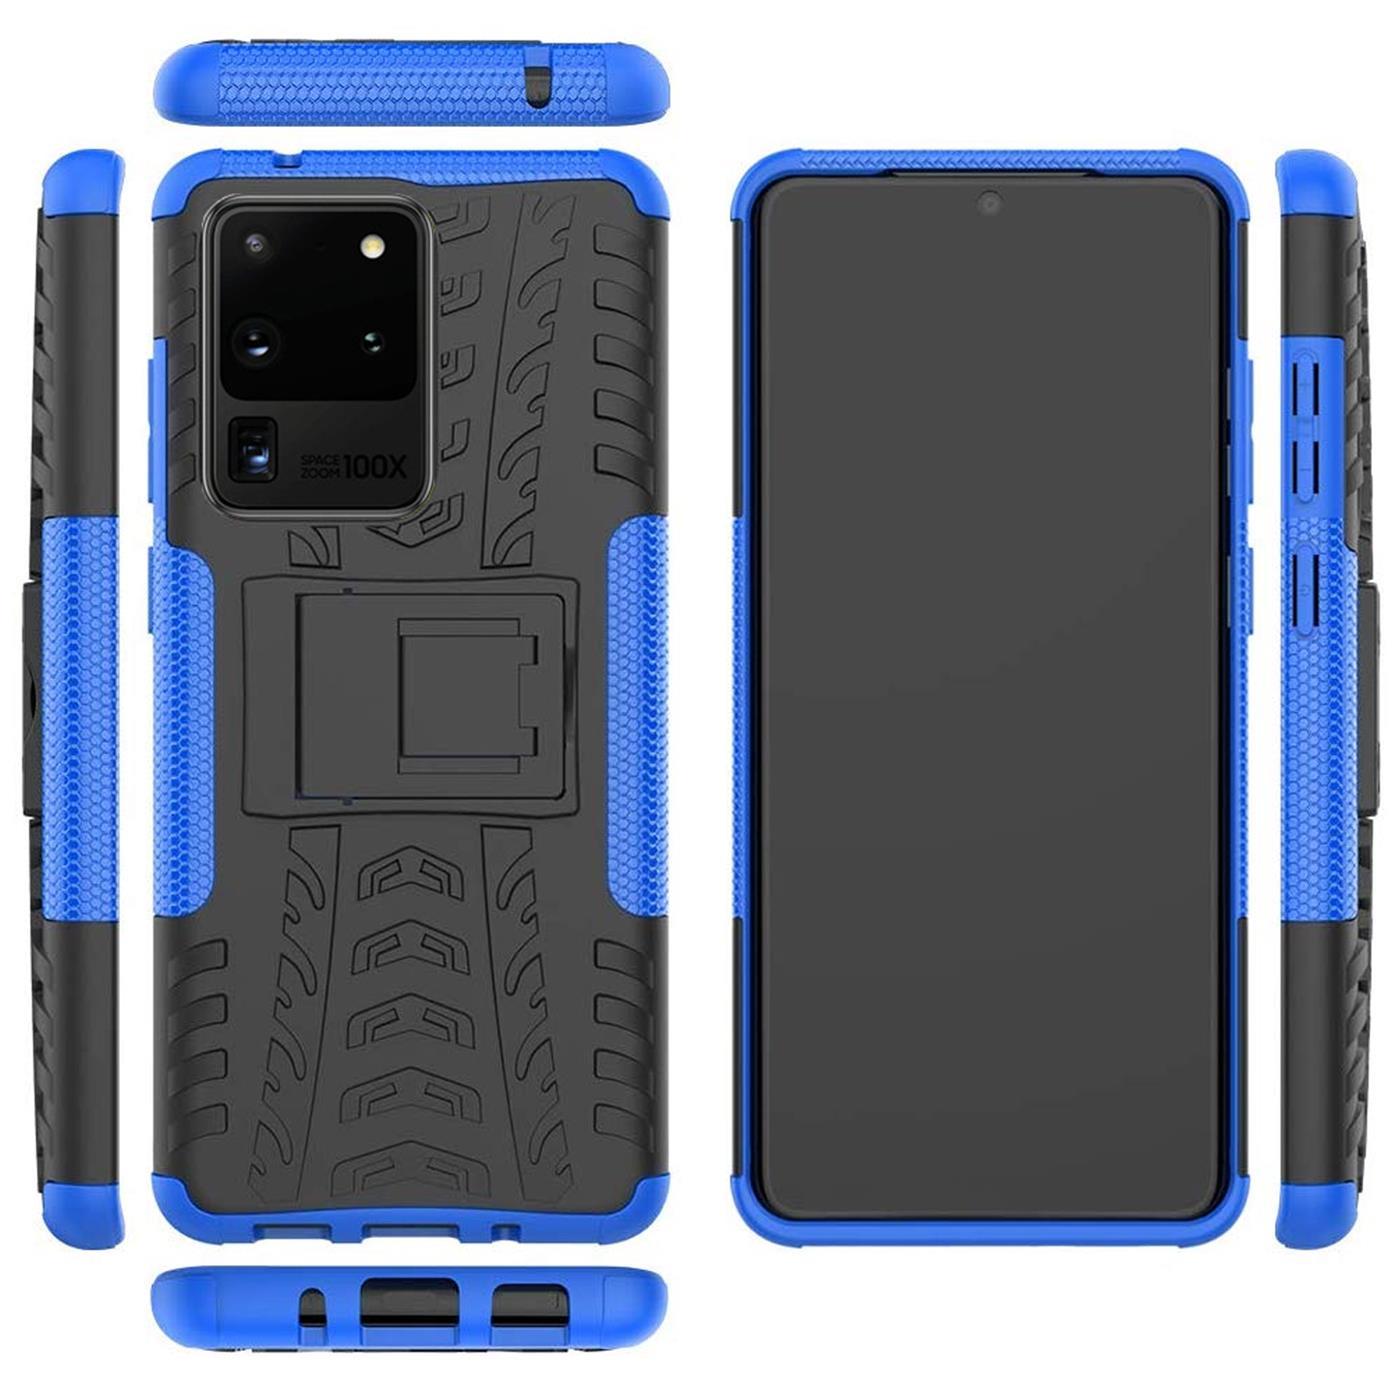 Samsung-Galaxy-S20-Serie-Schutzhuelle-Rugged-Handy-Tasche-Robust-Outdoor-Cover Indexbild 11